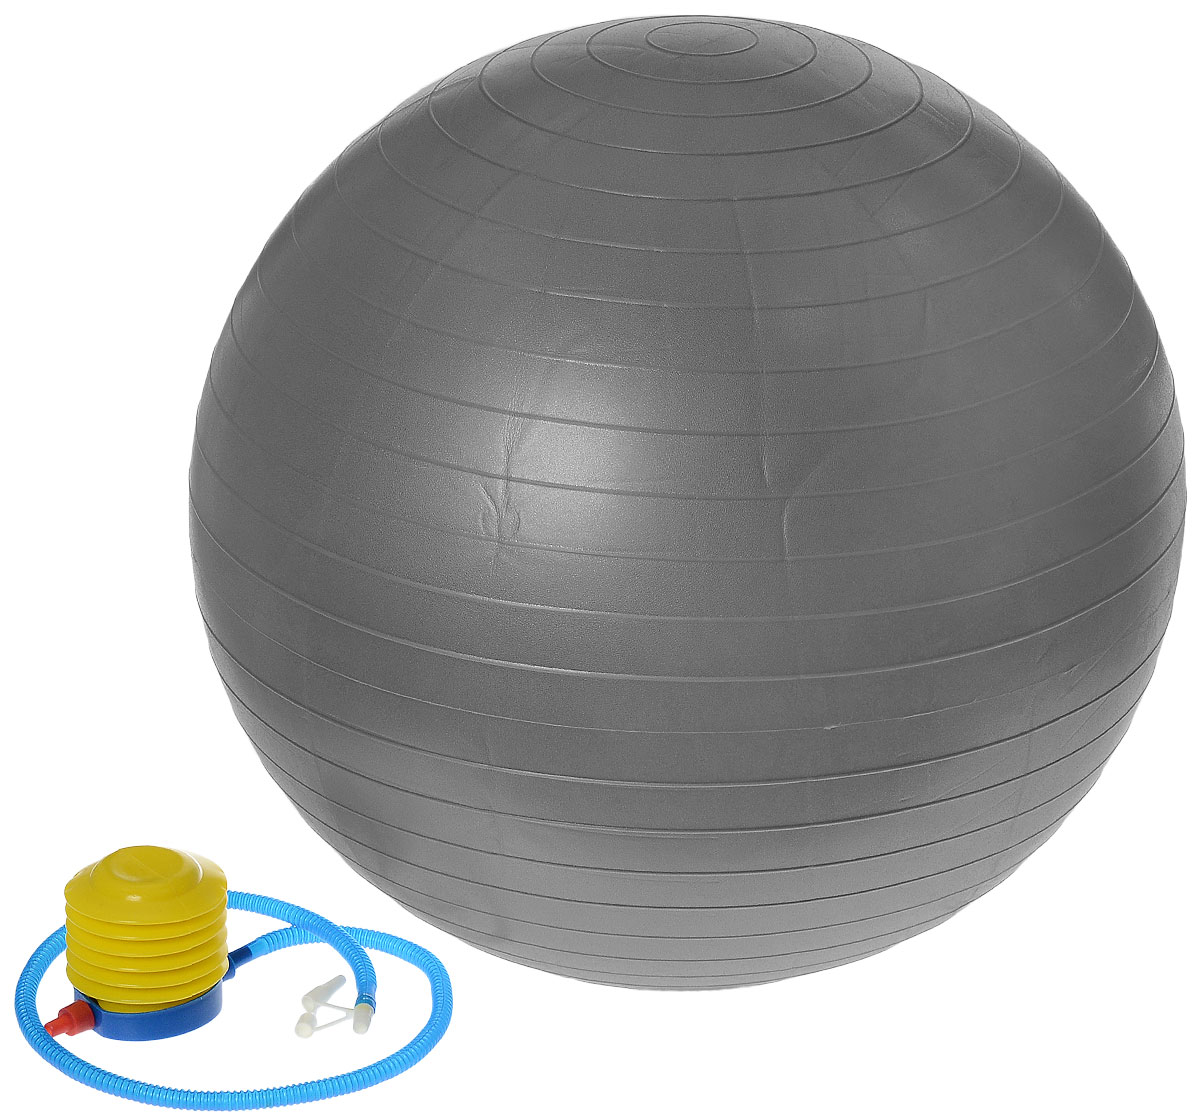 Тренировки на фитболе: особенности и преимущества   курсы и тренинги от лары серебрянской